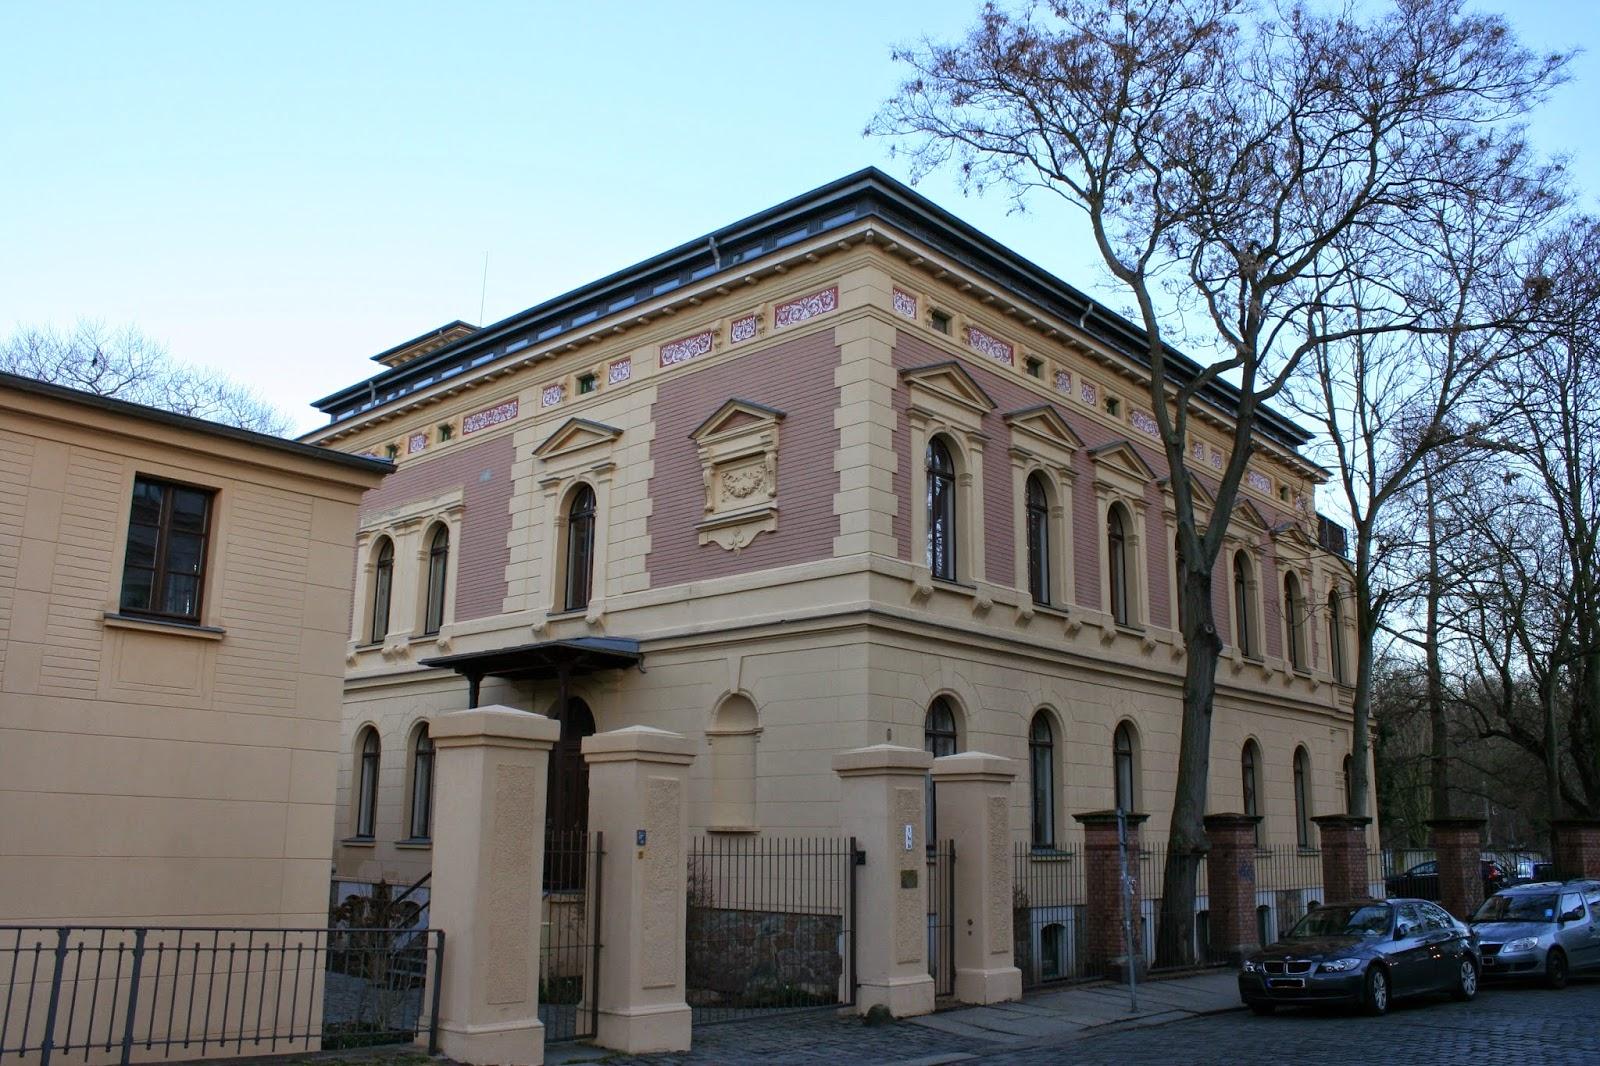 """Die im Stil des Historismus angelegte sogenannte """"Karl-Heine-Villa"""" an der Könneritzstraße im Stadtteil Schleußig wurde 1874 für den Leipziger Rechstanwalt sowie Industriepionier Karl Heine erbaut - es war sein letztes Haus, er lebte seine letzten Jahre darin"""